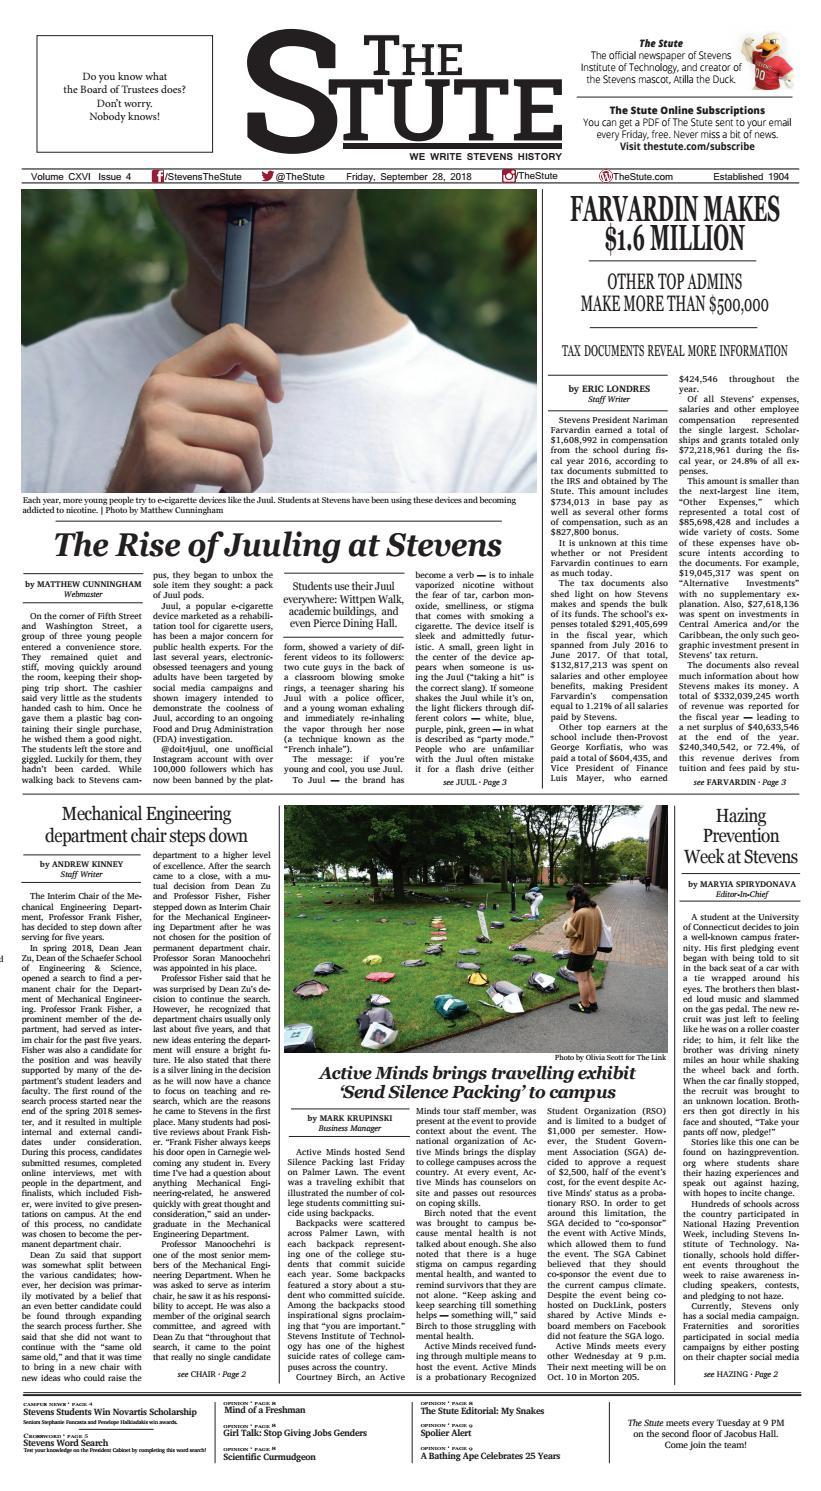 [The Stute] September 28, 2018 (Issue 4, Volume CXVI)